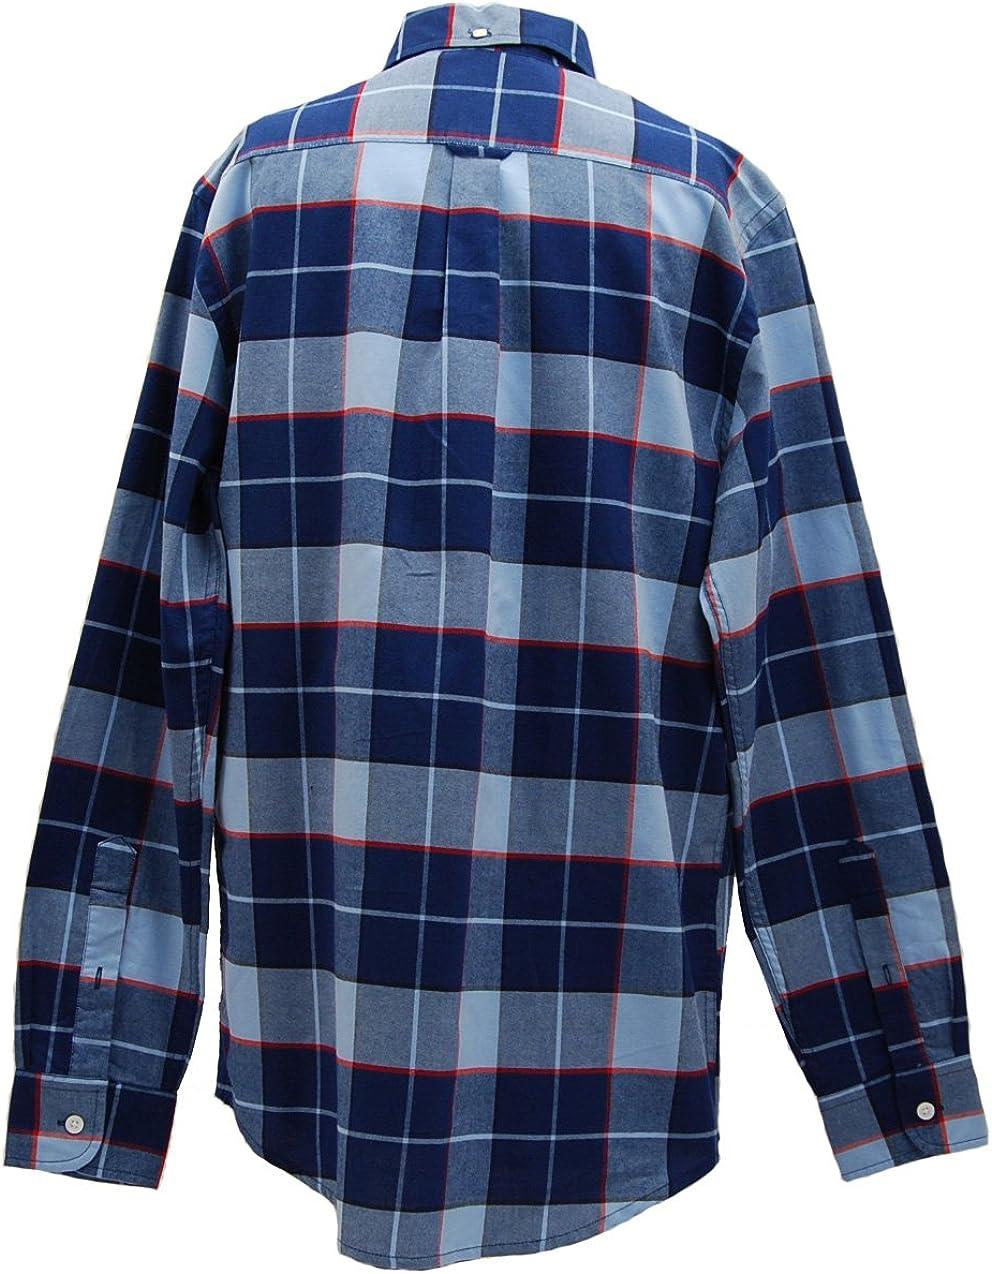 Dockers-Camisa para Hombre: Amazon.es: Ropa y accesorios